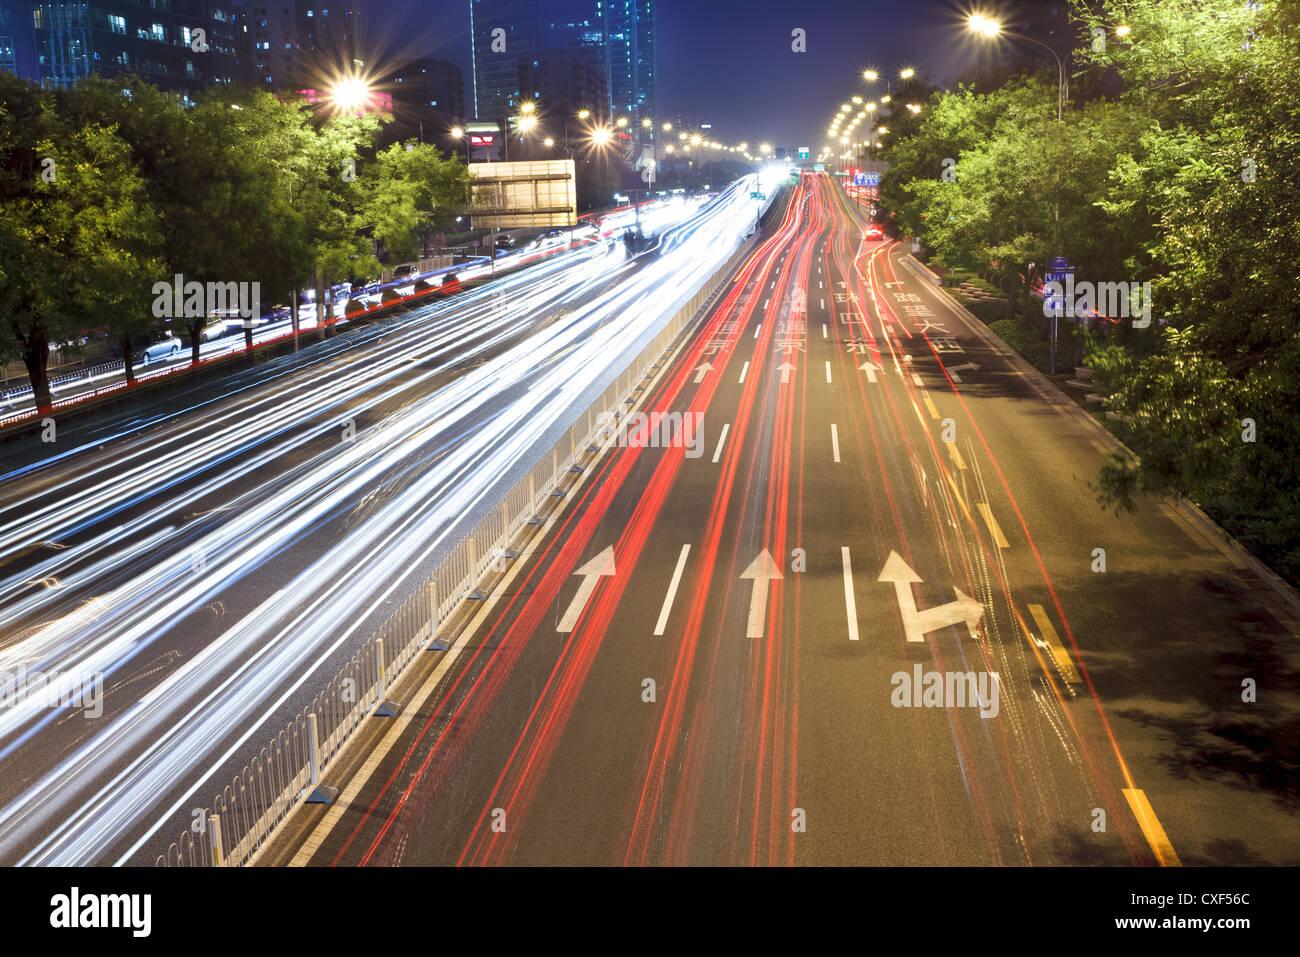 Peking-Nacht-Szene im Feierabendverkehr Stockbild